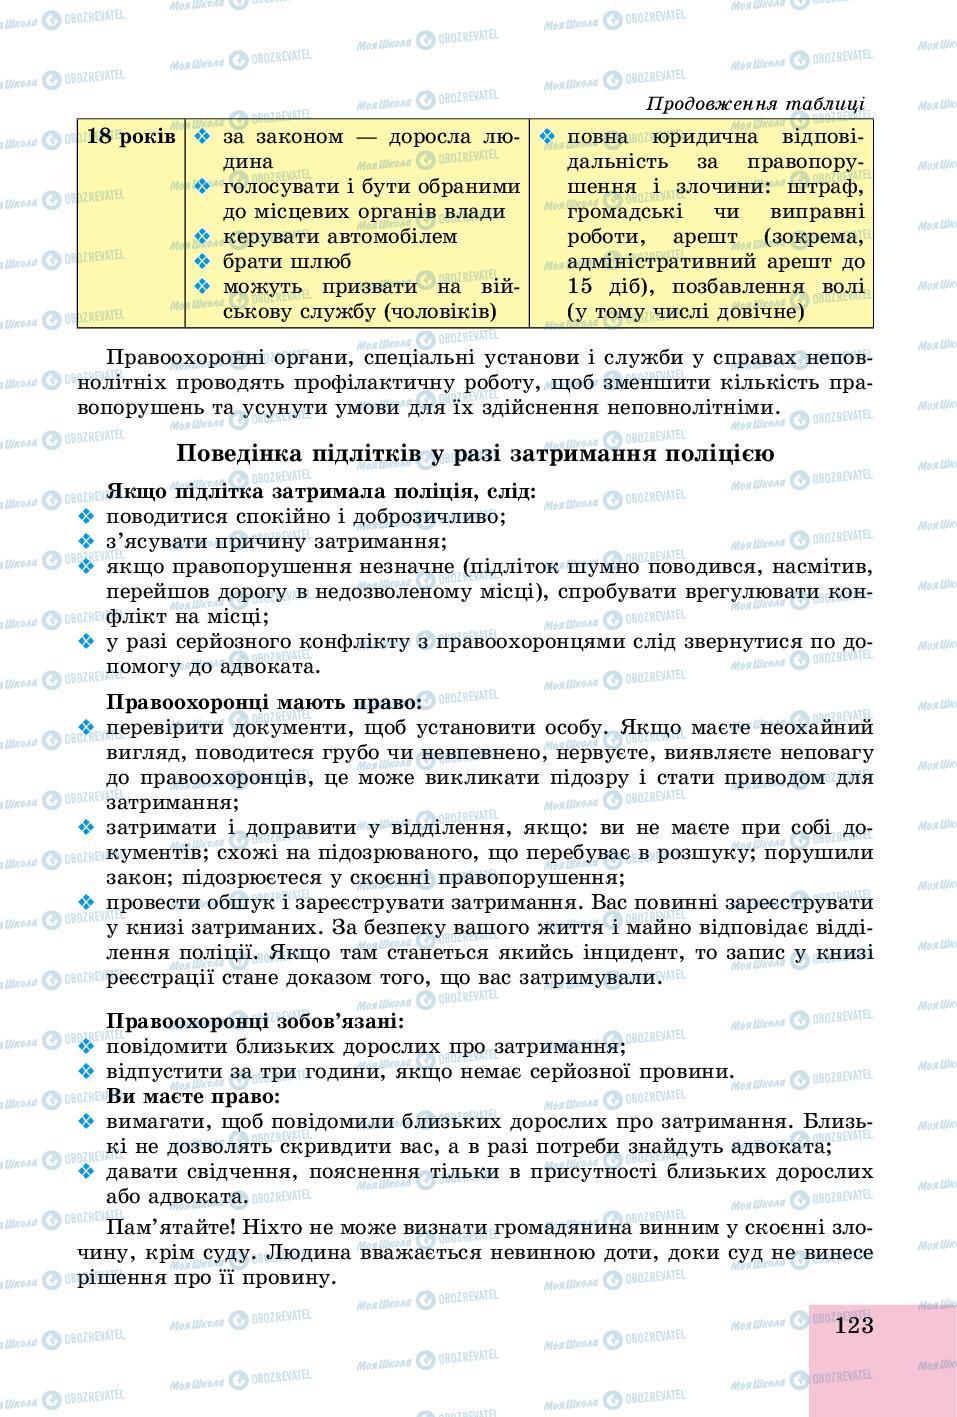 Учебники Основы здоровья 8 класс страница 123